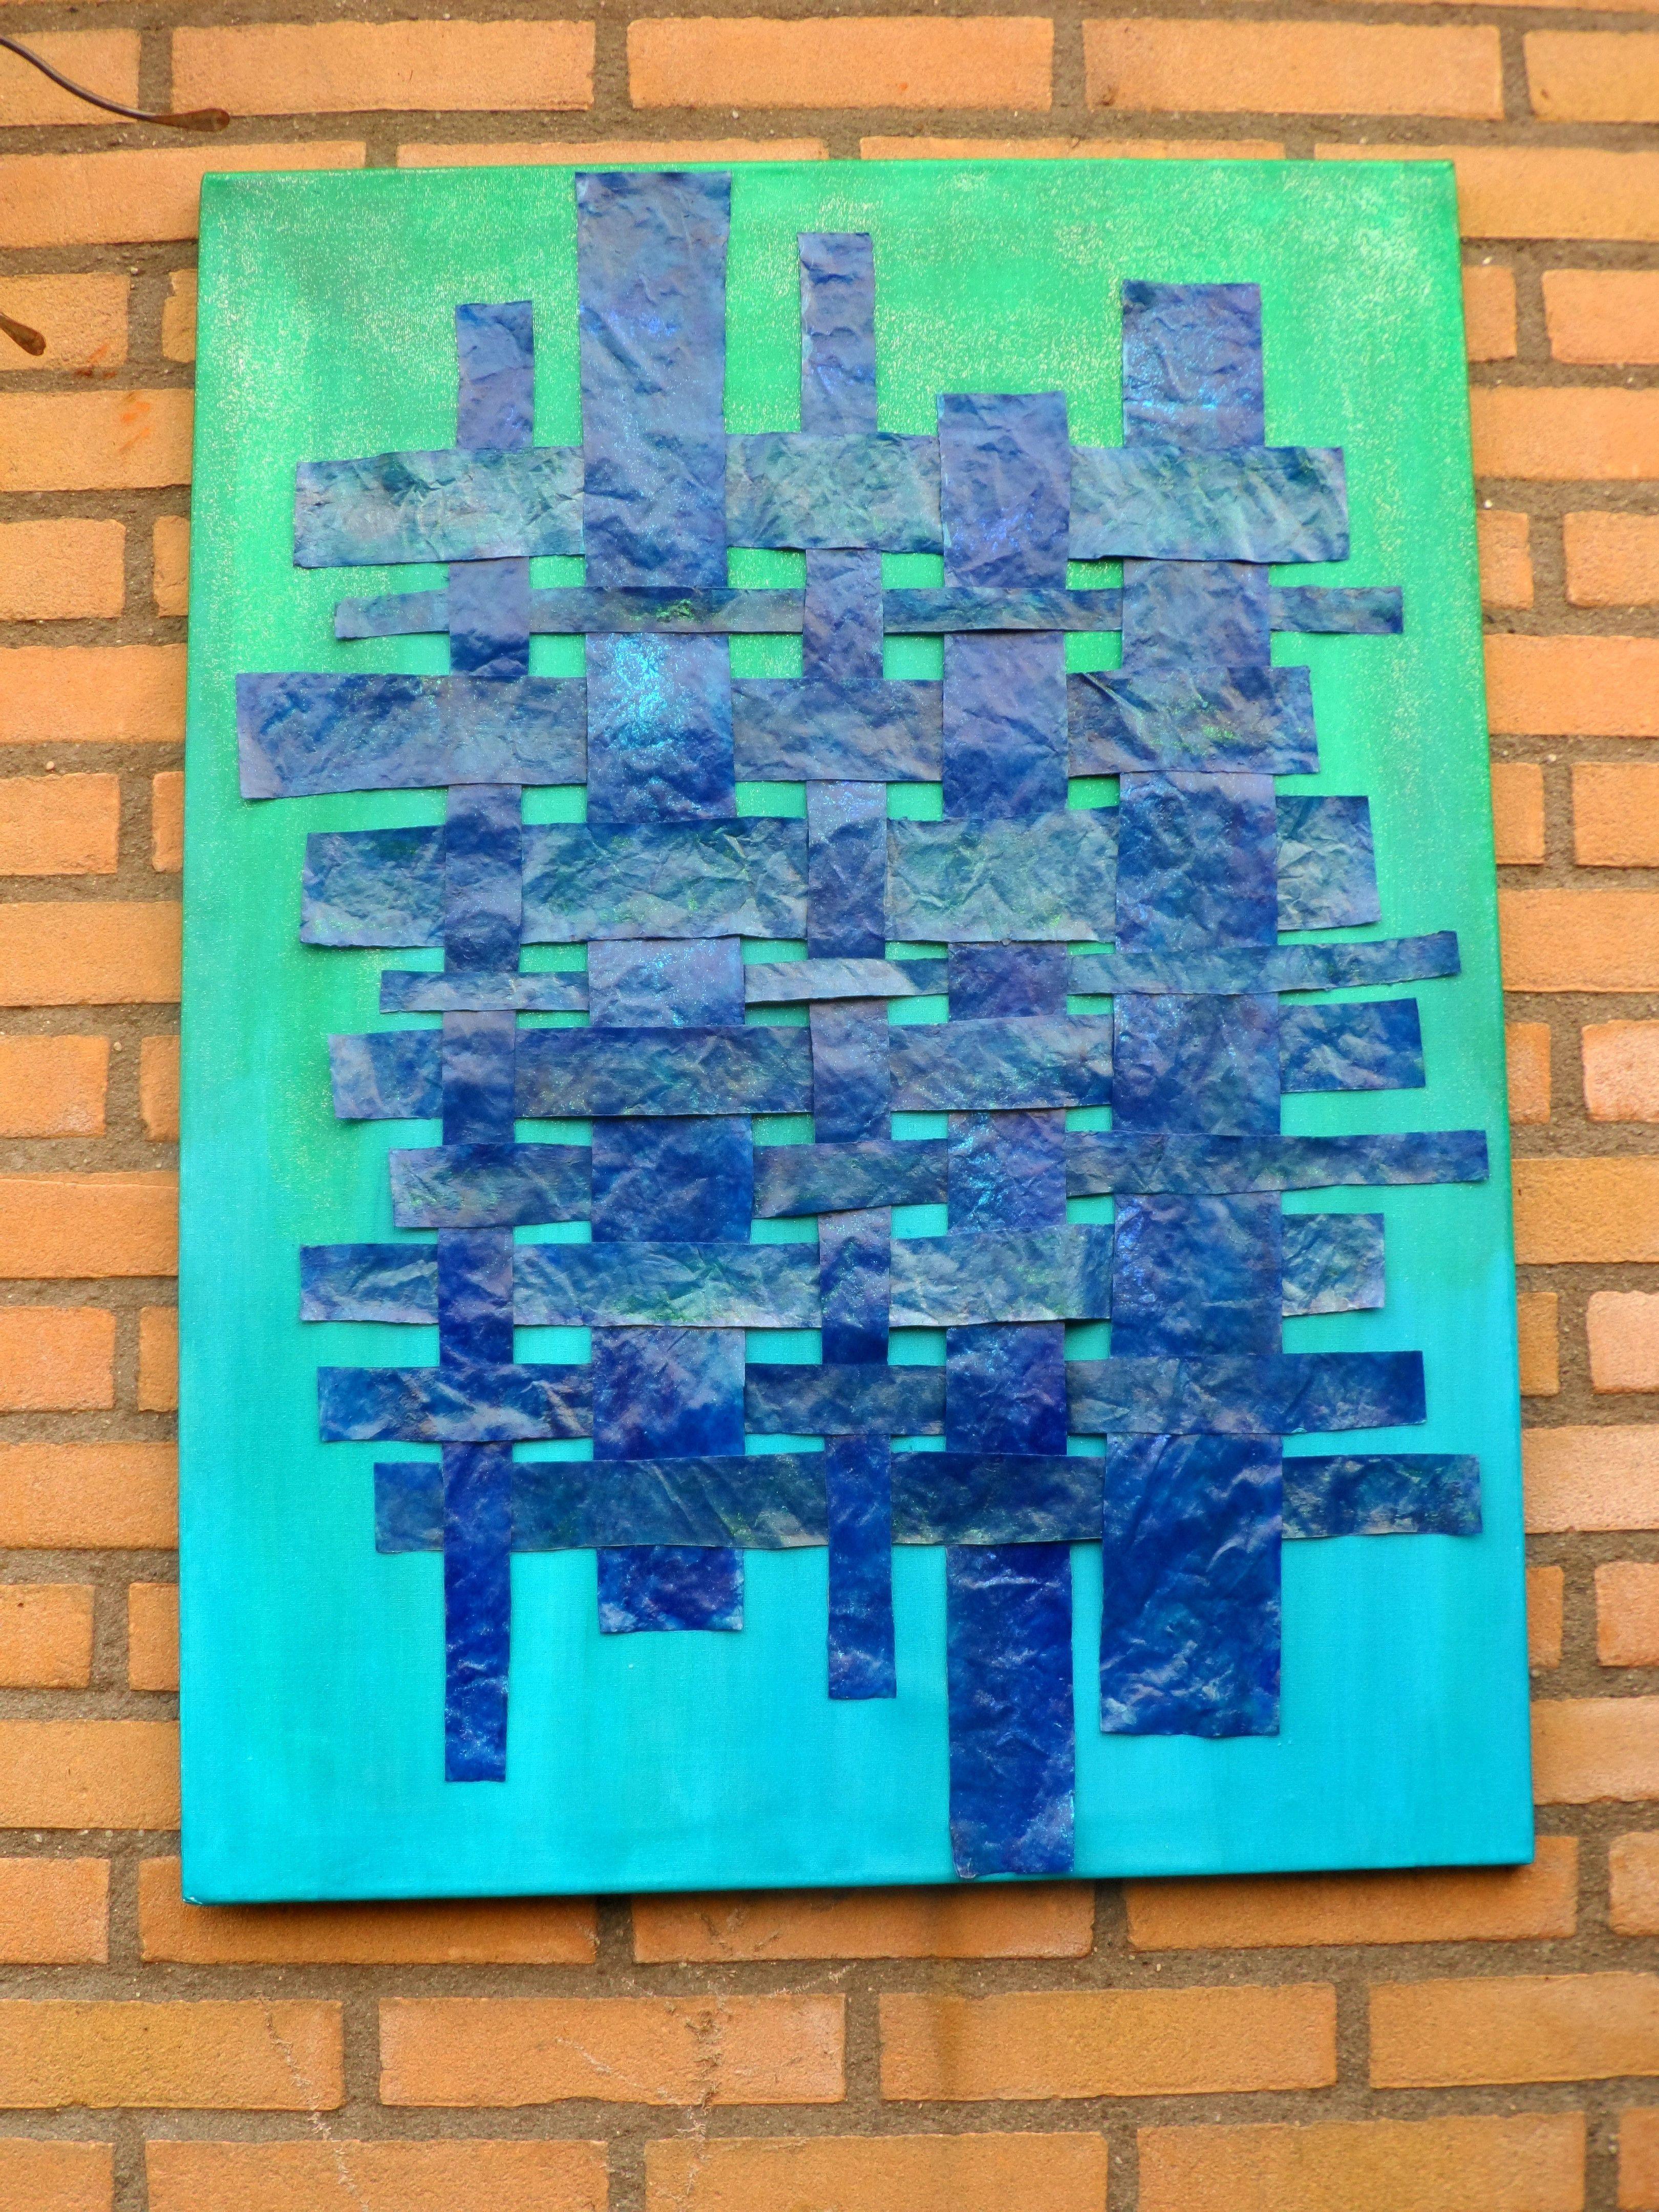 papier vlechten in blauw/groen op canvasdoek